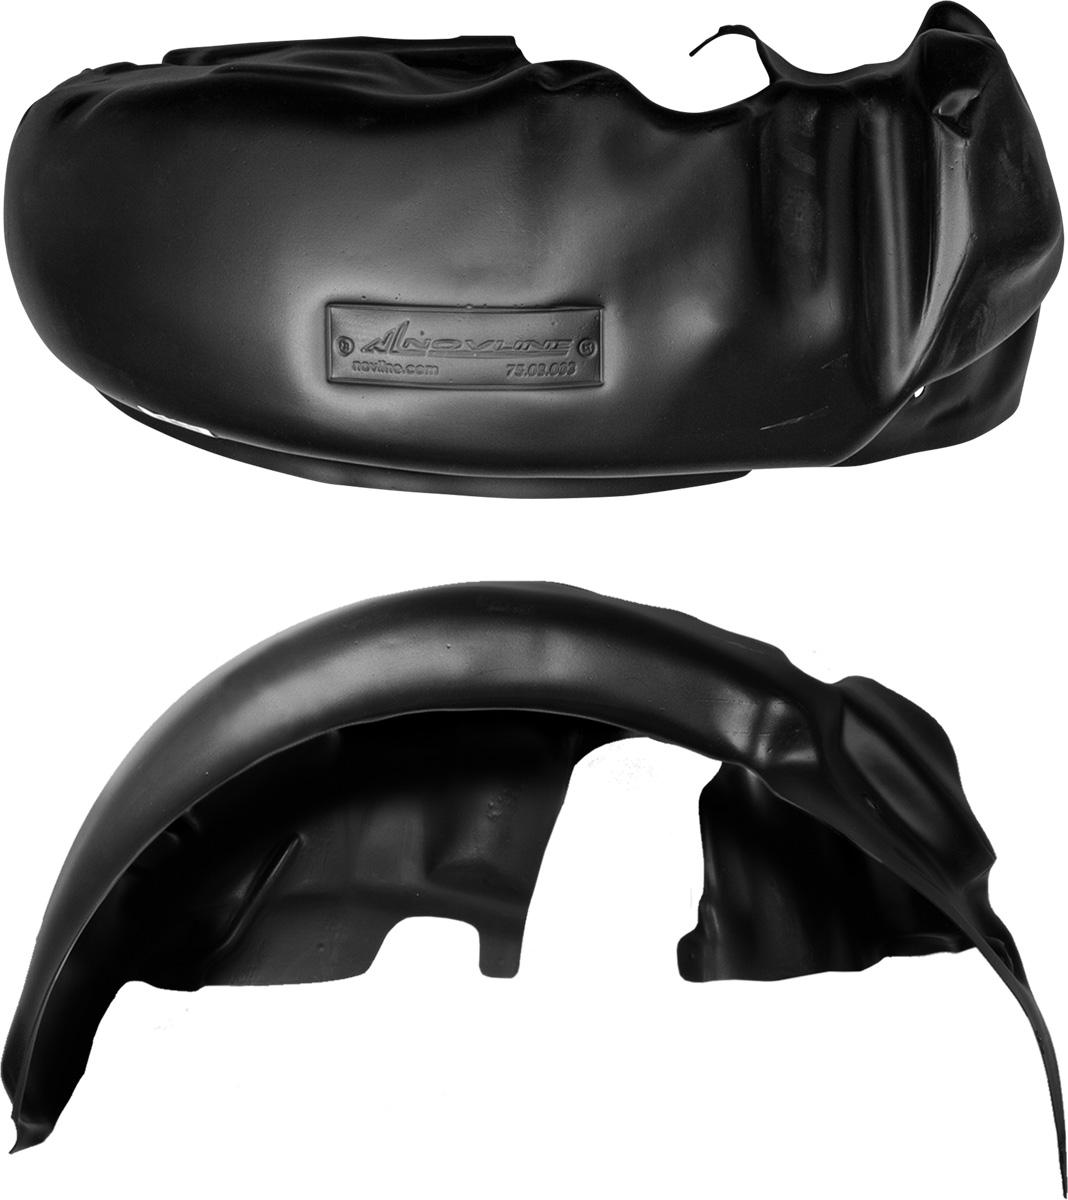 Подкрылок RENAULT Logan 2004-2013, задний правыйNLL.41.05.004Колесные ниши – одни из самых уязвимых зон днища вашего автомобиля. Они постоянно подвергаются воздействию со стороны дороги. Лучшая, почти абсолютная защита для них - специально отформованные пластиковые кожухи, которые называются подкрылками, или локерами. Производятся они как для отечественных моделей автомобилей, так и для иномарок. Подкрылки выполнены из высококачественного, экологически чистого пластика. Обеспечивают надежную защиту кузова автомобиля от пескоструйного эффекта и негативного влияния, агрессивных антигололедных реагентов. Пластик обладает более низкой теплопроводностью, чем металл, поэтому в зимний период эксплуатации использование пластиковых подкрылков позволяет лучше защитить колесные ниши от налипания снега и образования наледи. Оригинальность конструкции подчеркивает элегантность автомобиля, бережно защищает нанесенное на днище кузова антикоррозийное покрытие и позволяет осуществить крепление подкрылков внутри колесной арки практически без дополнительного крепежа и сверления, не нарушая при этом лакокрасочного покрытия, что предотвращает возникновение новых очагов коррозии. Технология крепления подкрылков на иномарки принципиально отличается от крепления на российские автомобили и разрабатывается индивидуально для каждой модели автомобиля. Подкрылки долговечны, обладают высокой прочностью и сохраняют заданную форму, а также все свои физико-механические характеристики в самых тяжелых климатических условиях ( от -50° С до + 50° С).